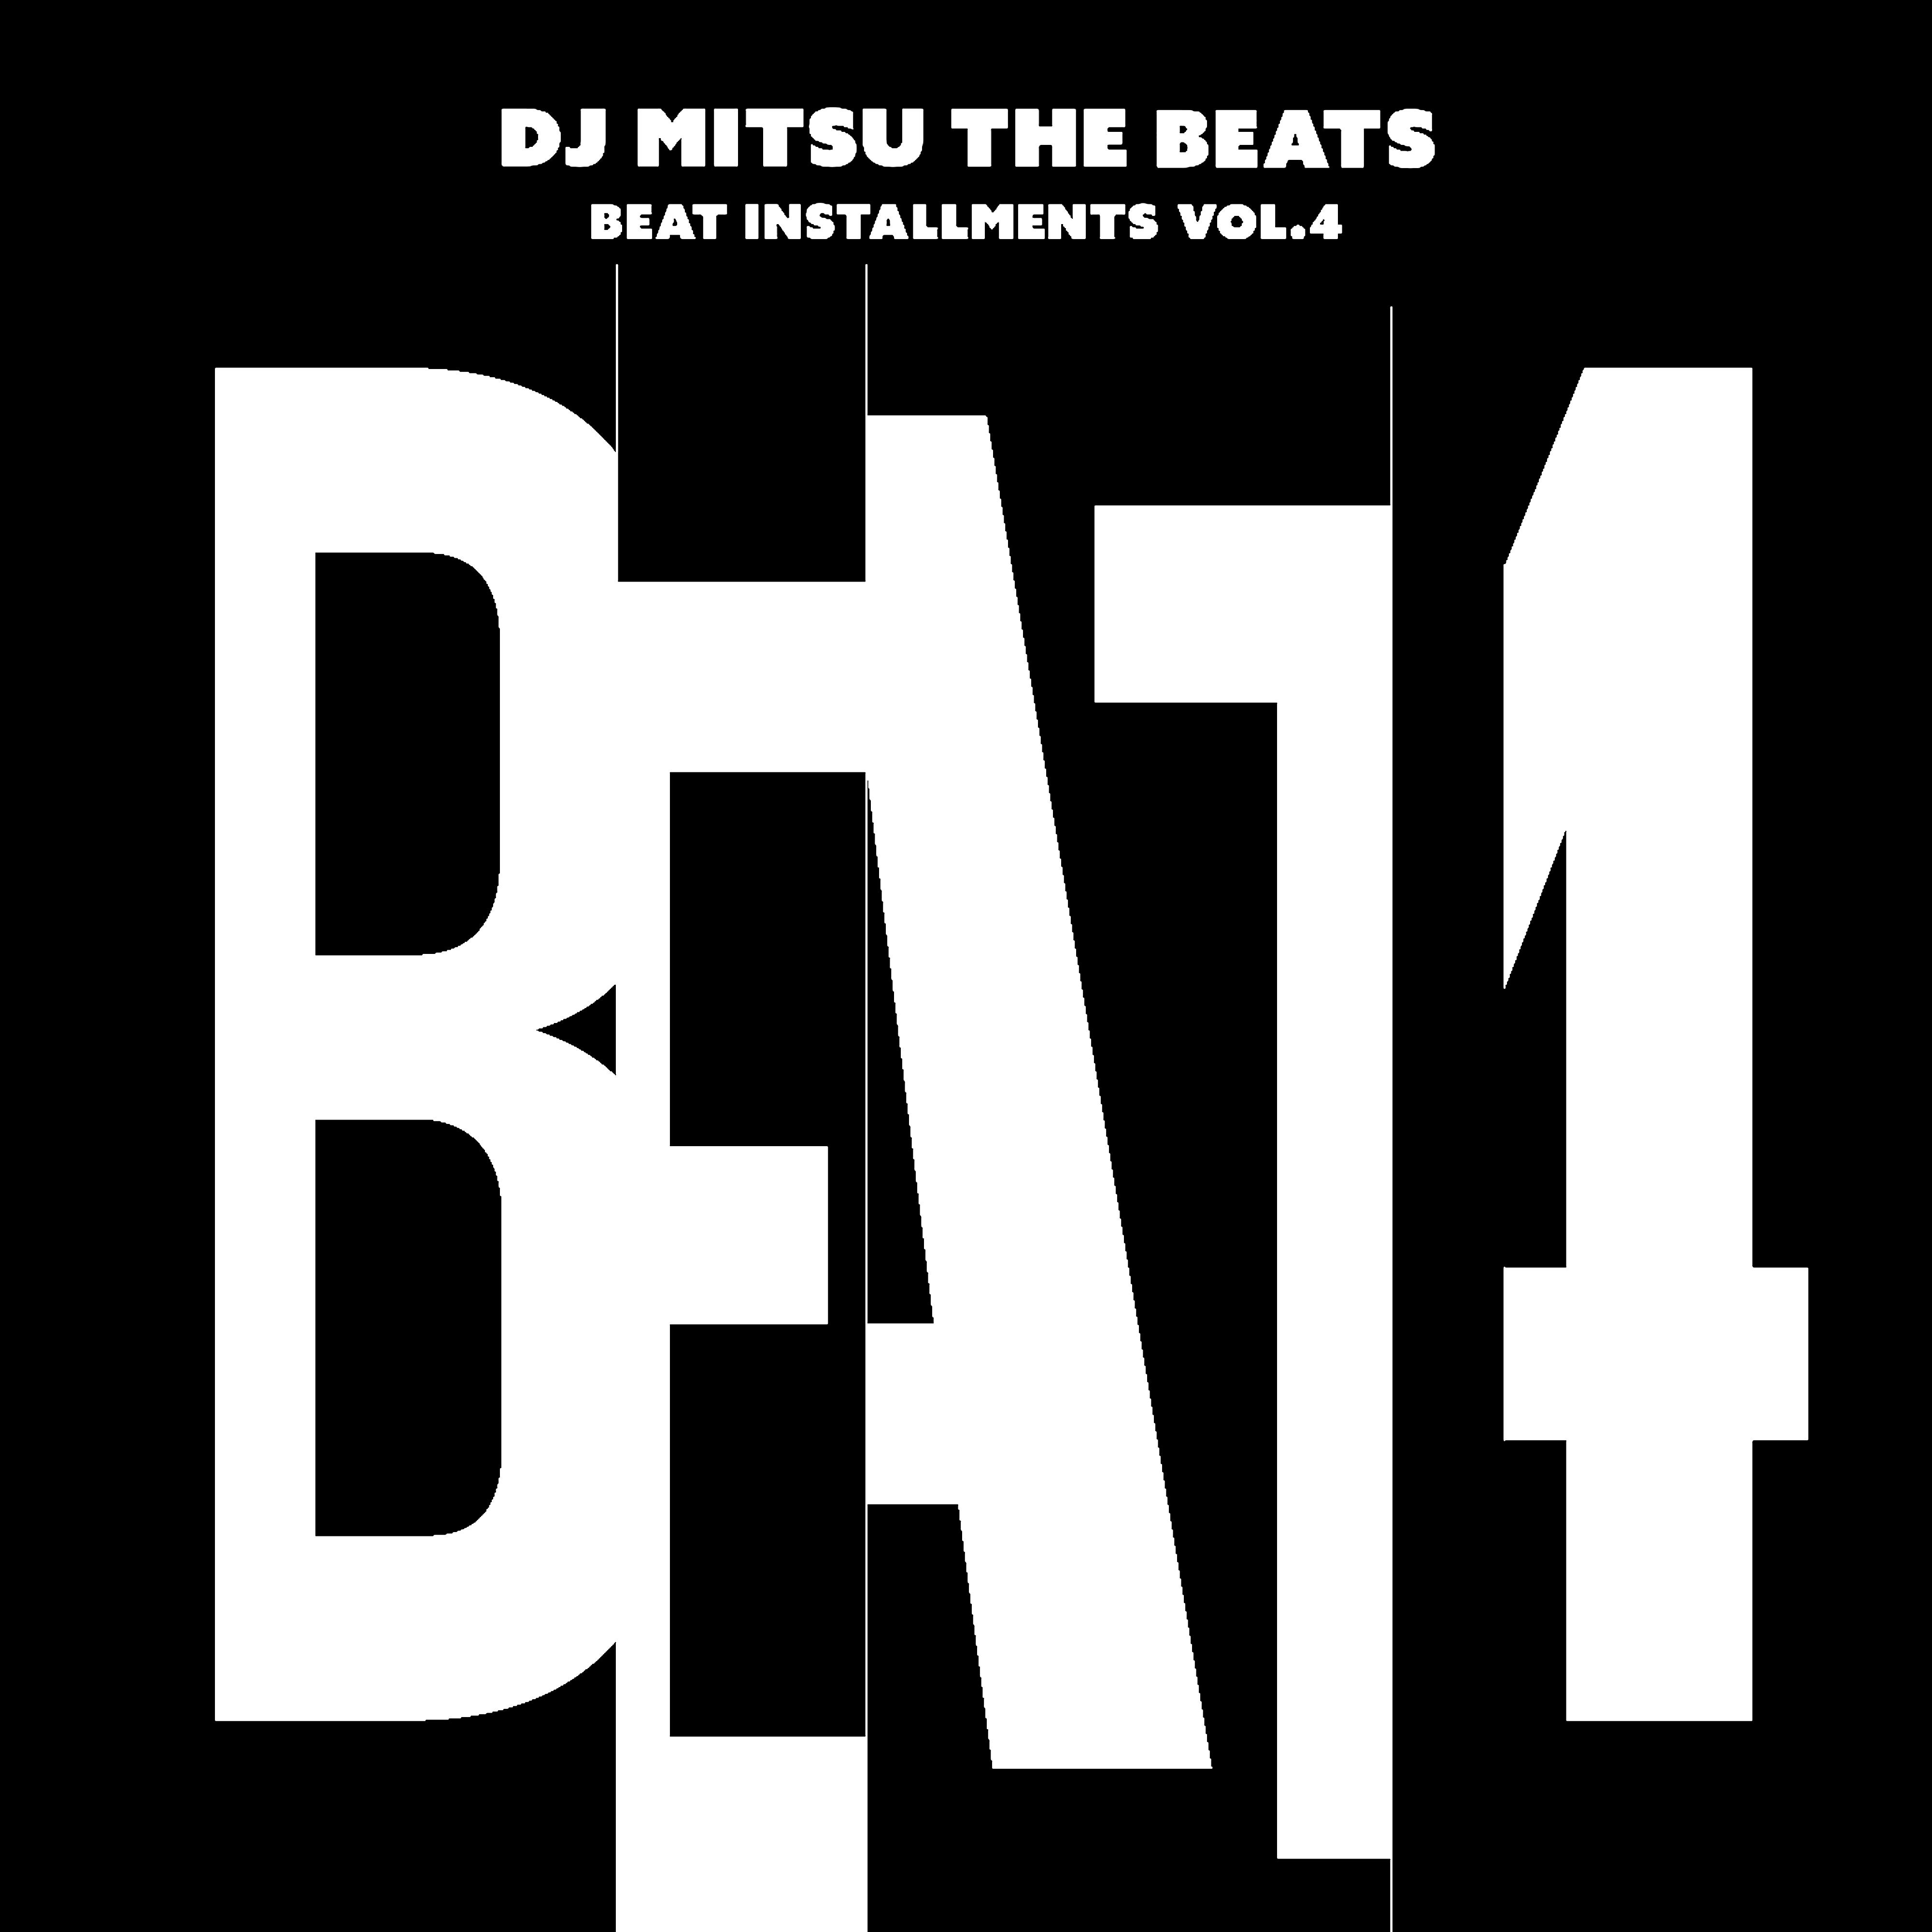 【LP】DJ Mitsu the Beats - Beat Installments Vol.4